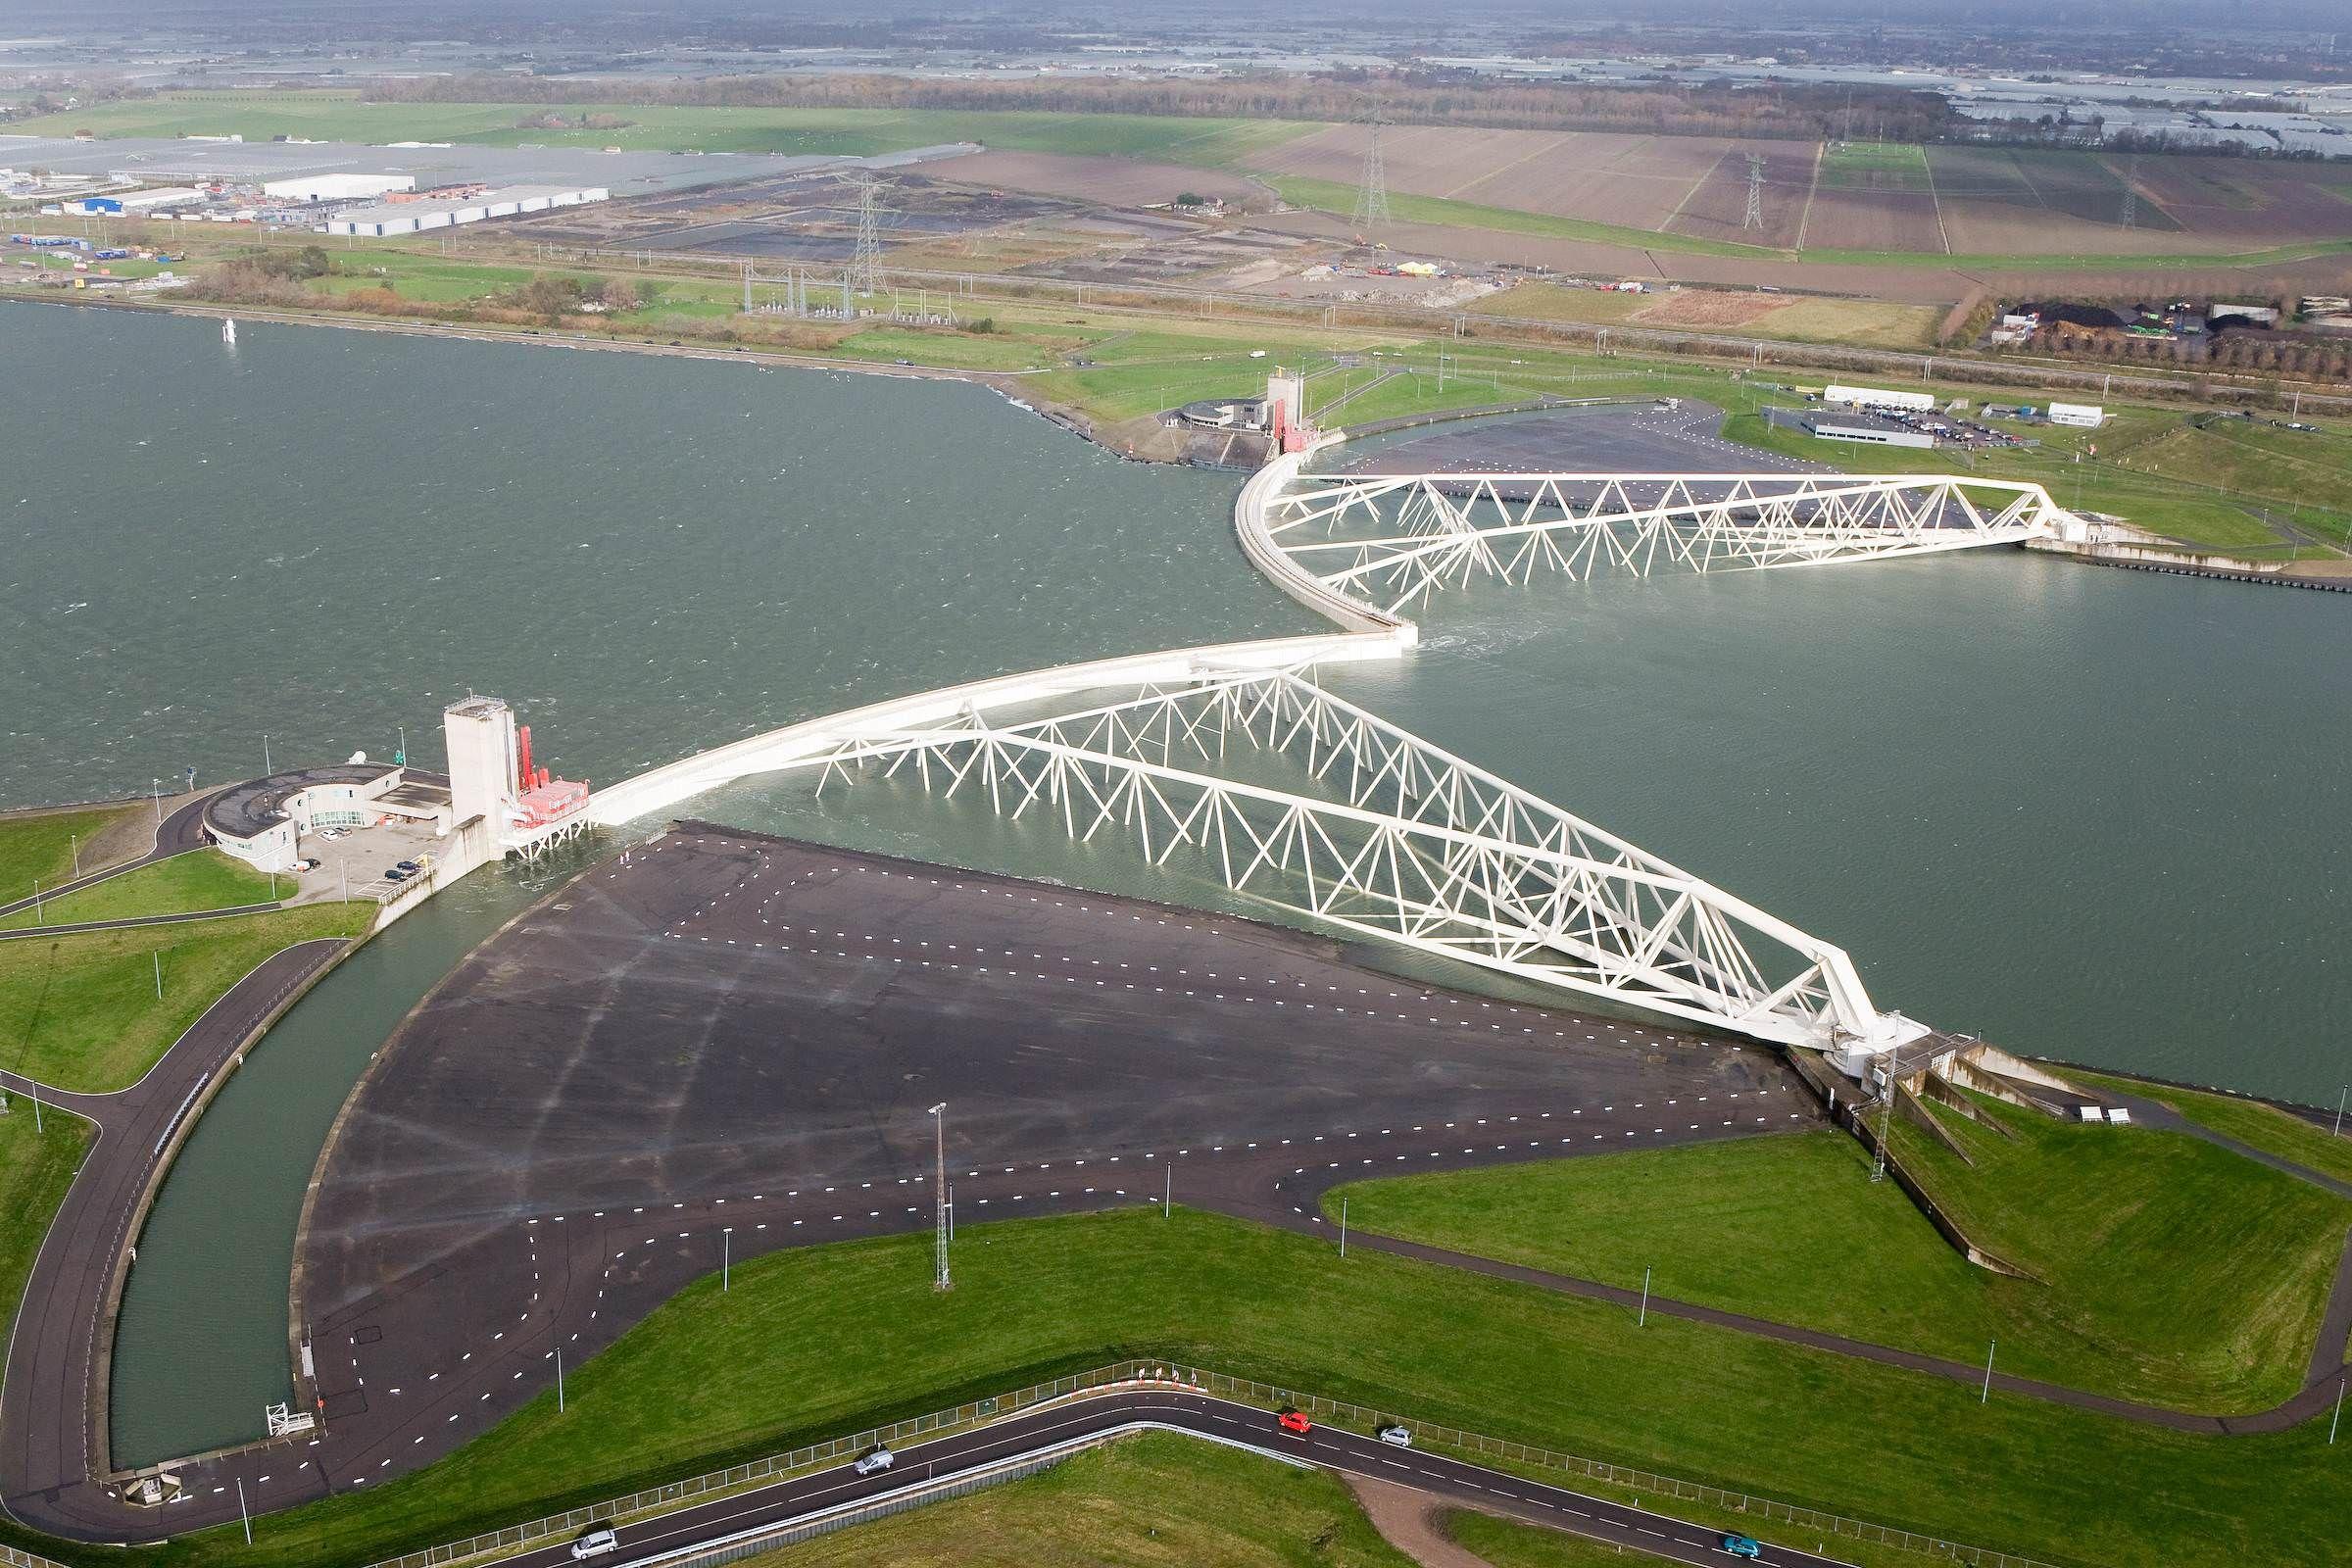 Sự phát triển khoa học kĩ thuật công nghệ tiên tiến tuyệt vời tại Hà Lan